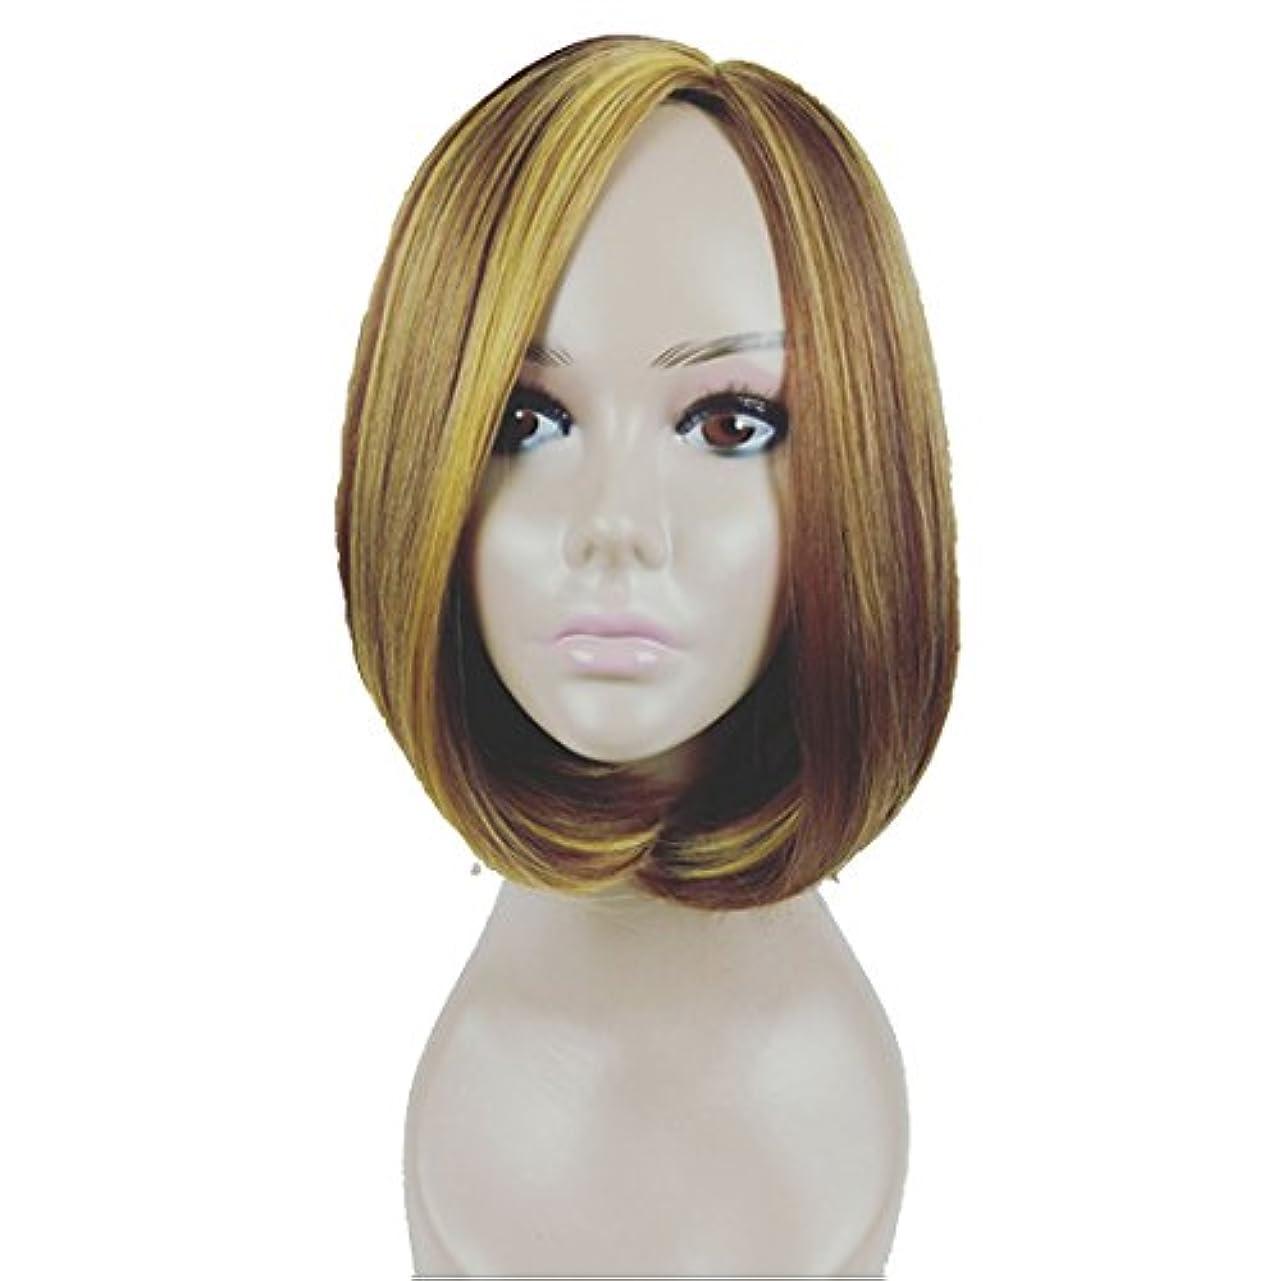 星レタス副詞YOUQIU ボボヘッドウィッグのためにパーティーに分割前髪ウィッグ自然なロングウェーブウィッグを持つ女性人間の髪のためにショートストレートウィッグ160グラムウィッグ (色 : Black gold)